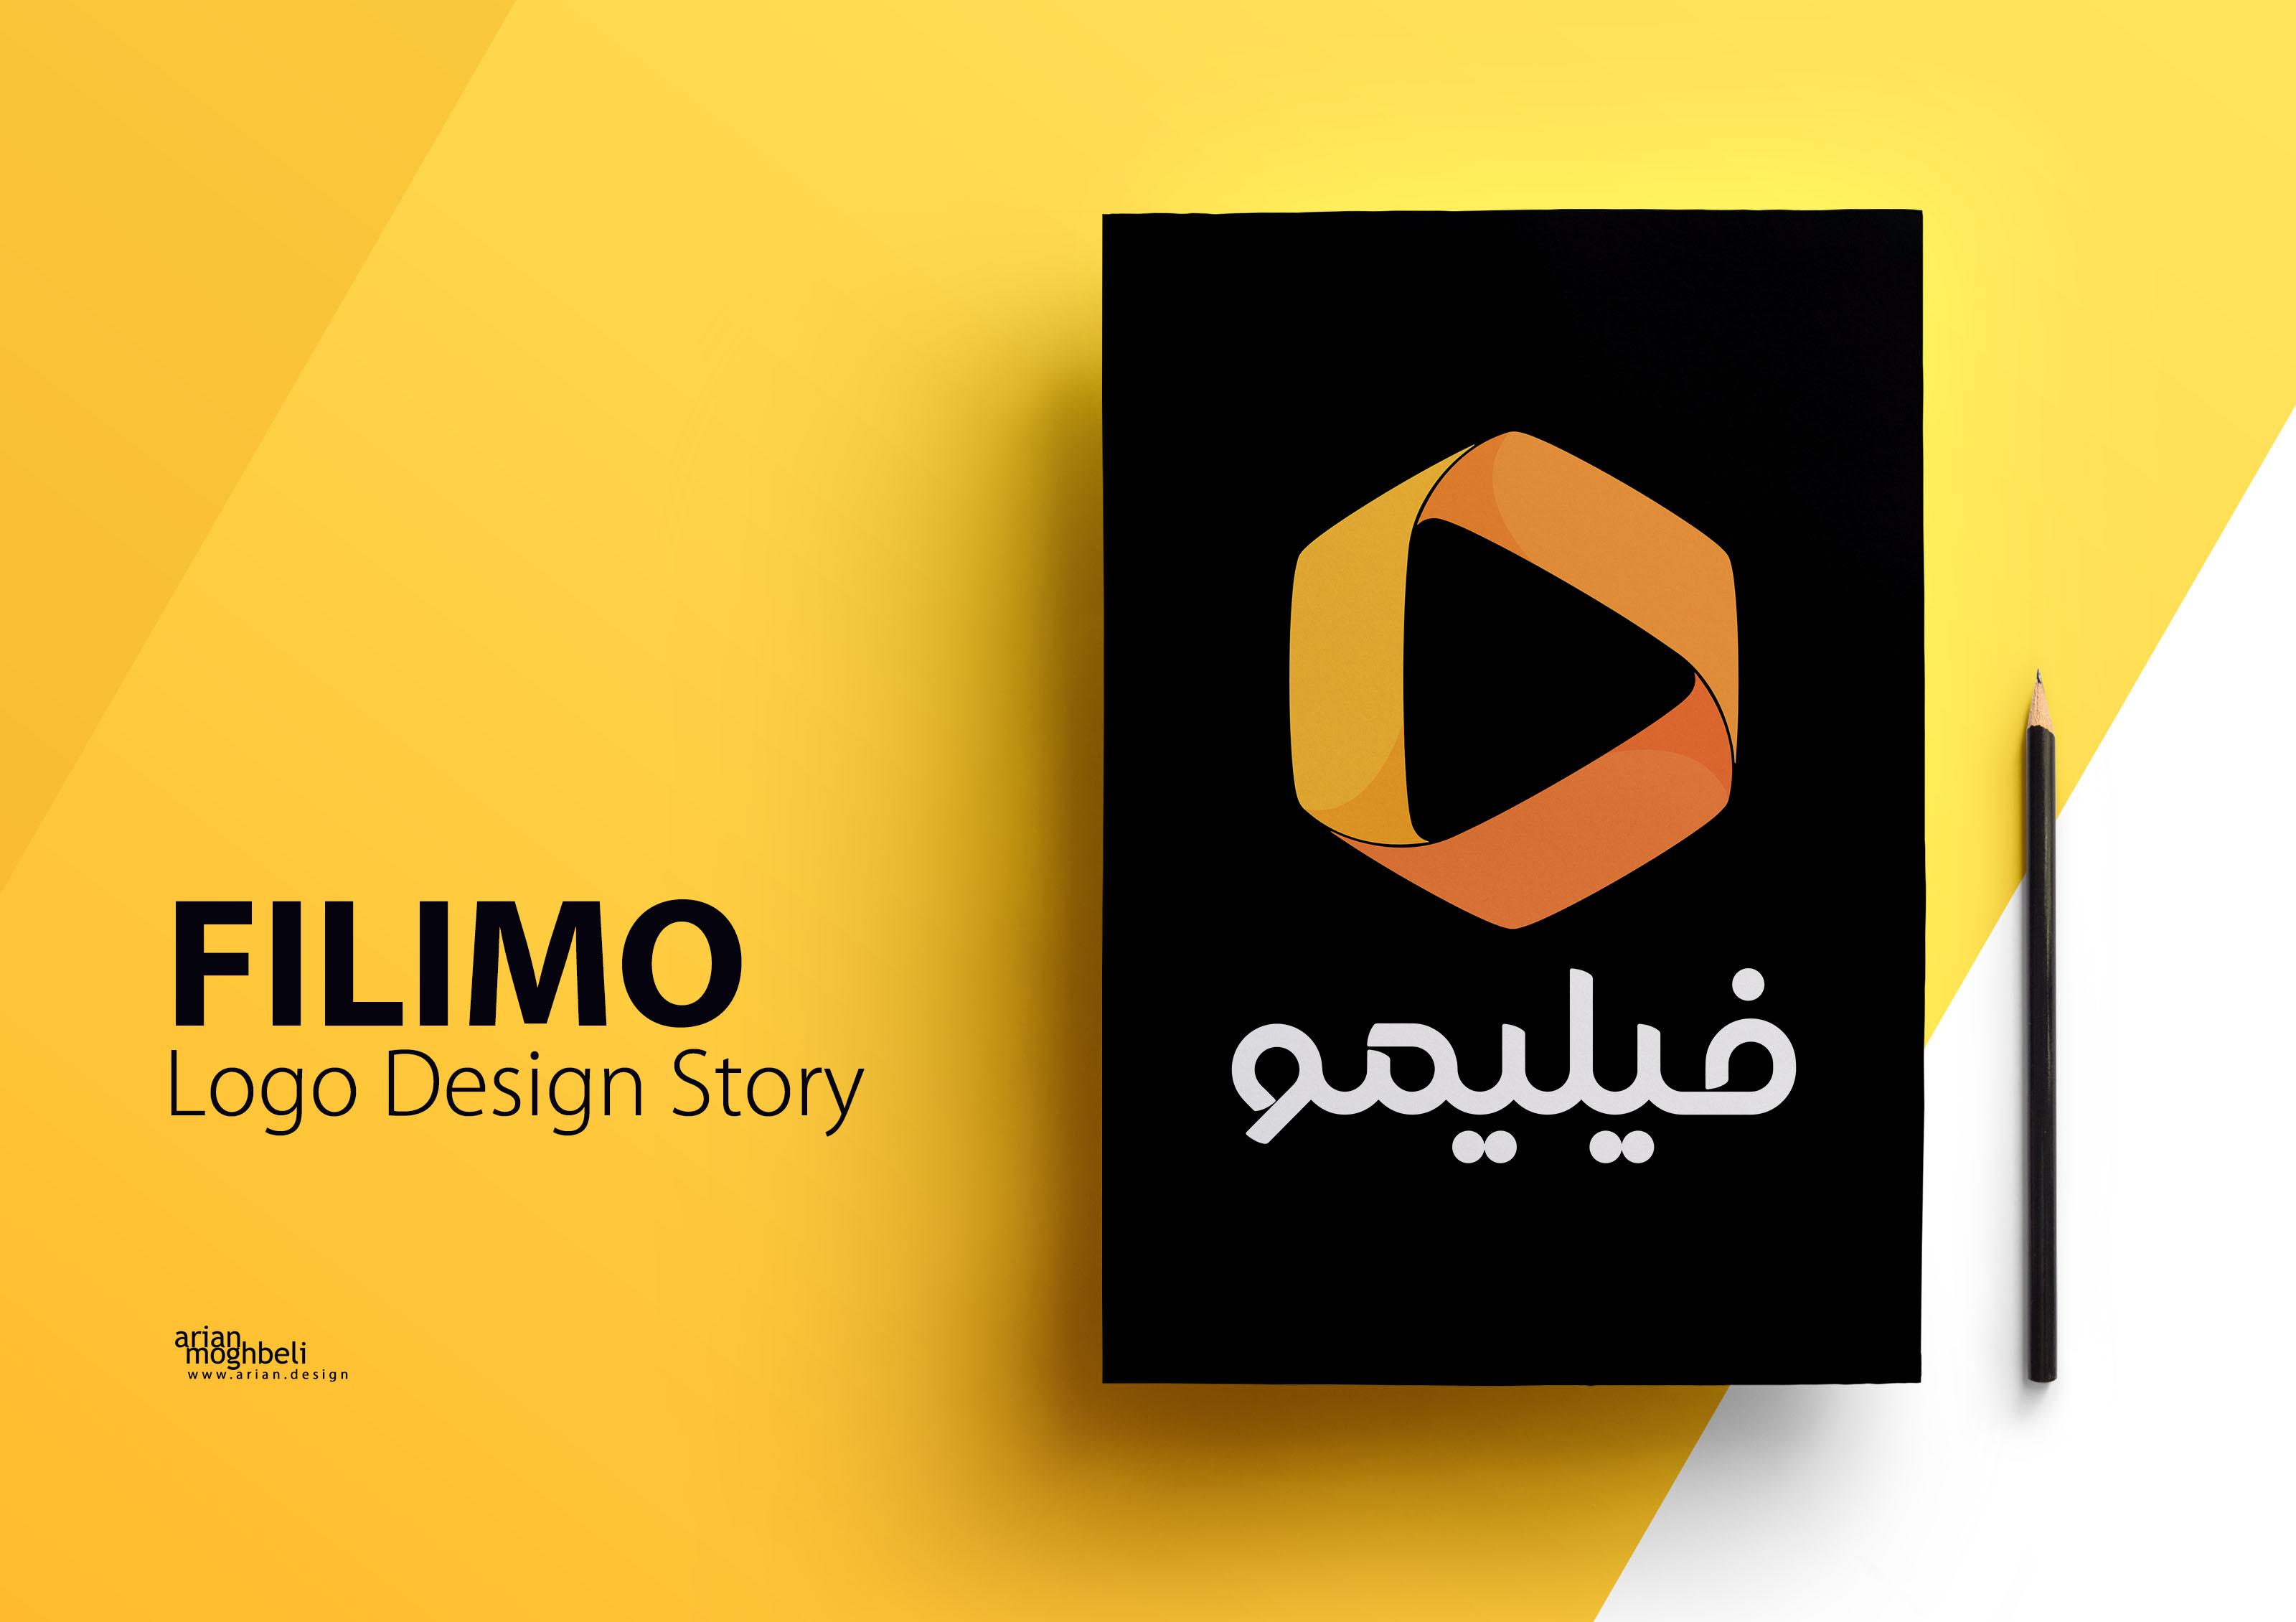 داستان طراحی لوگوی فیلیمو